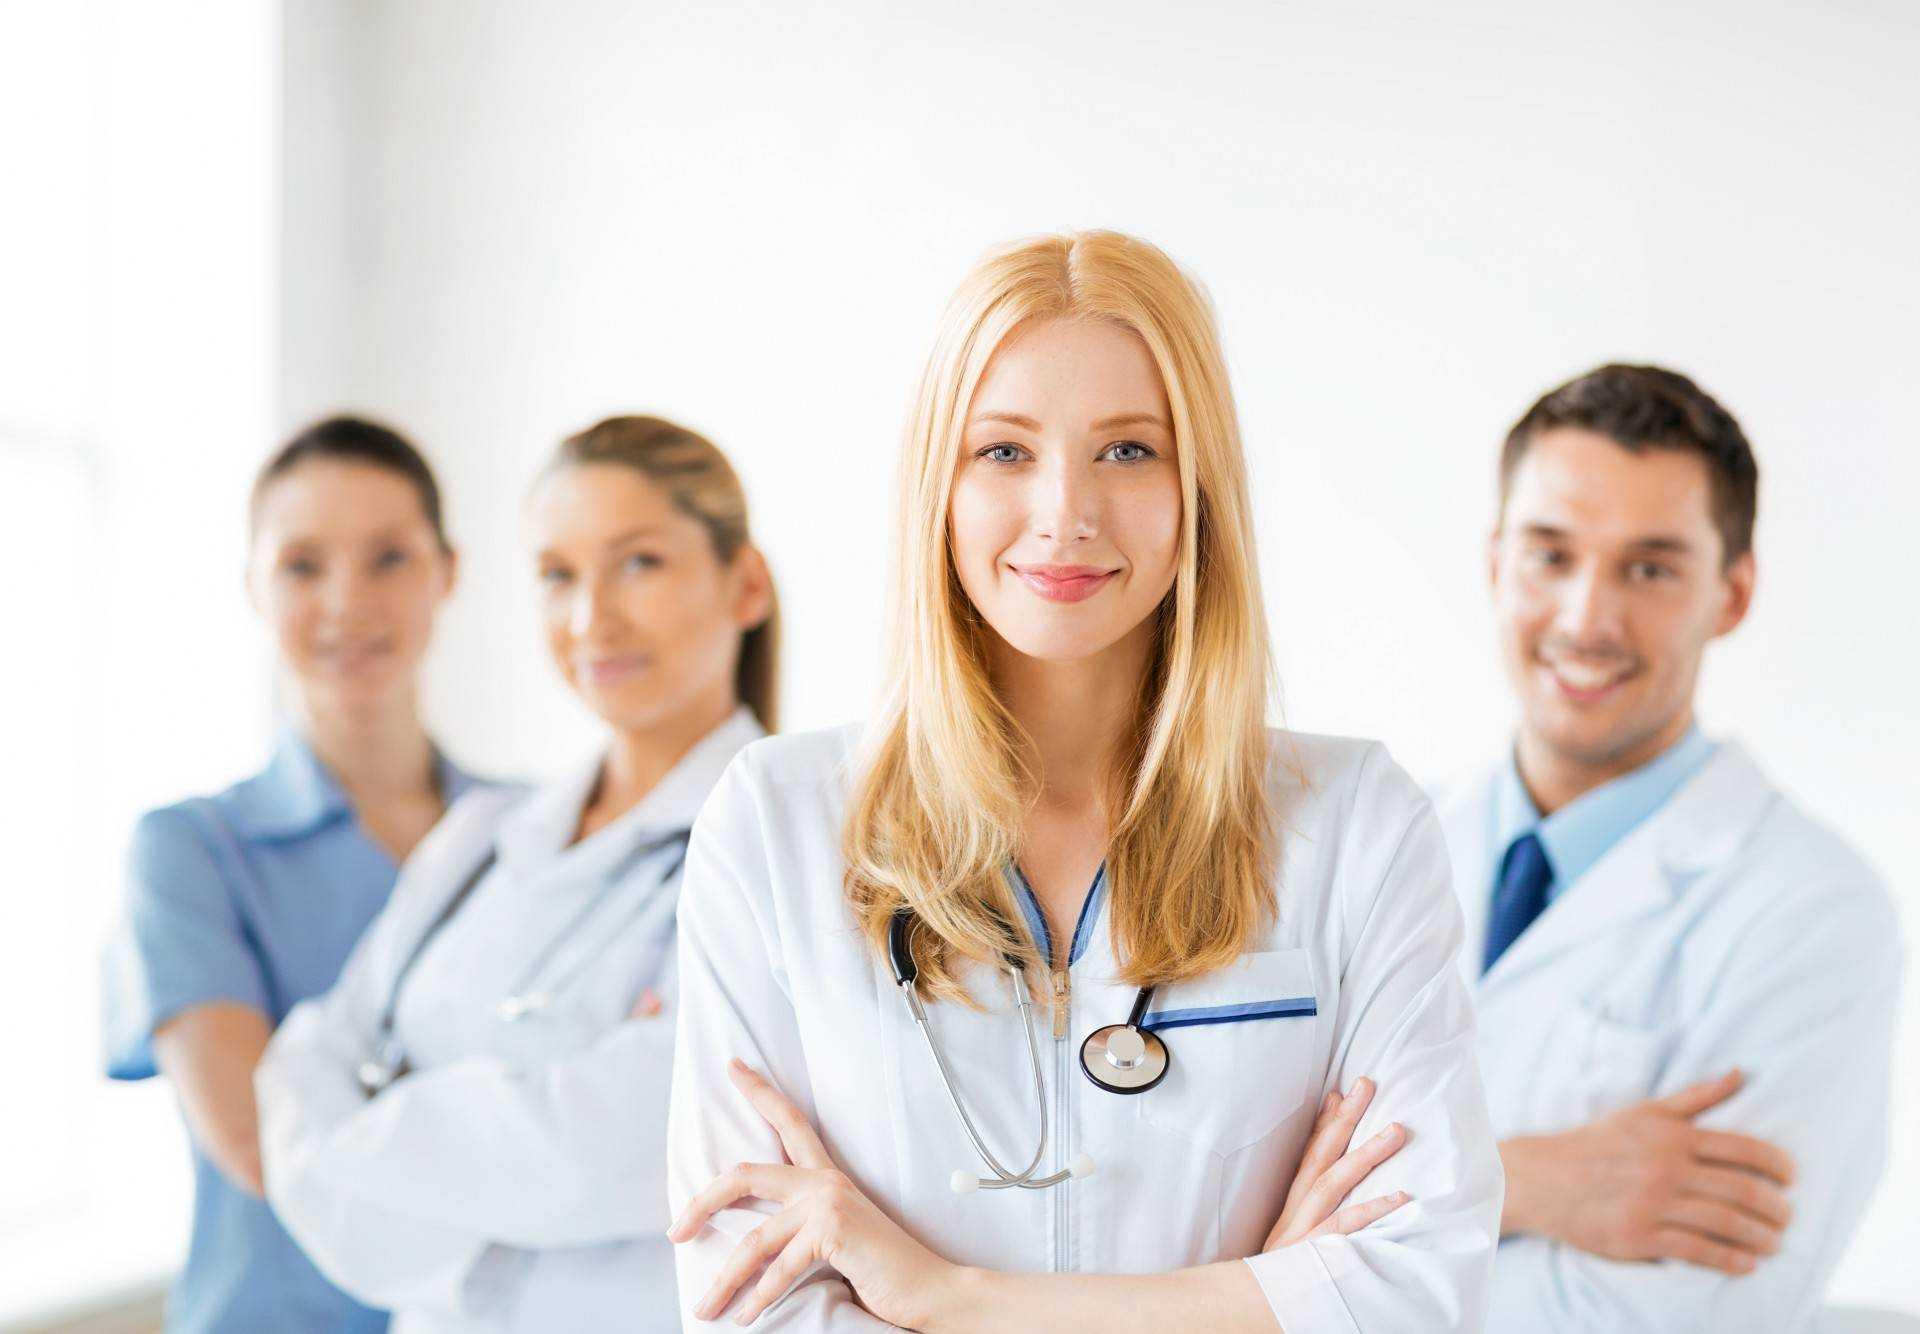 Медперсонал Знакомства